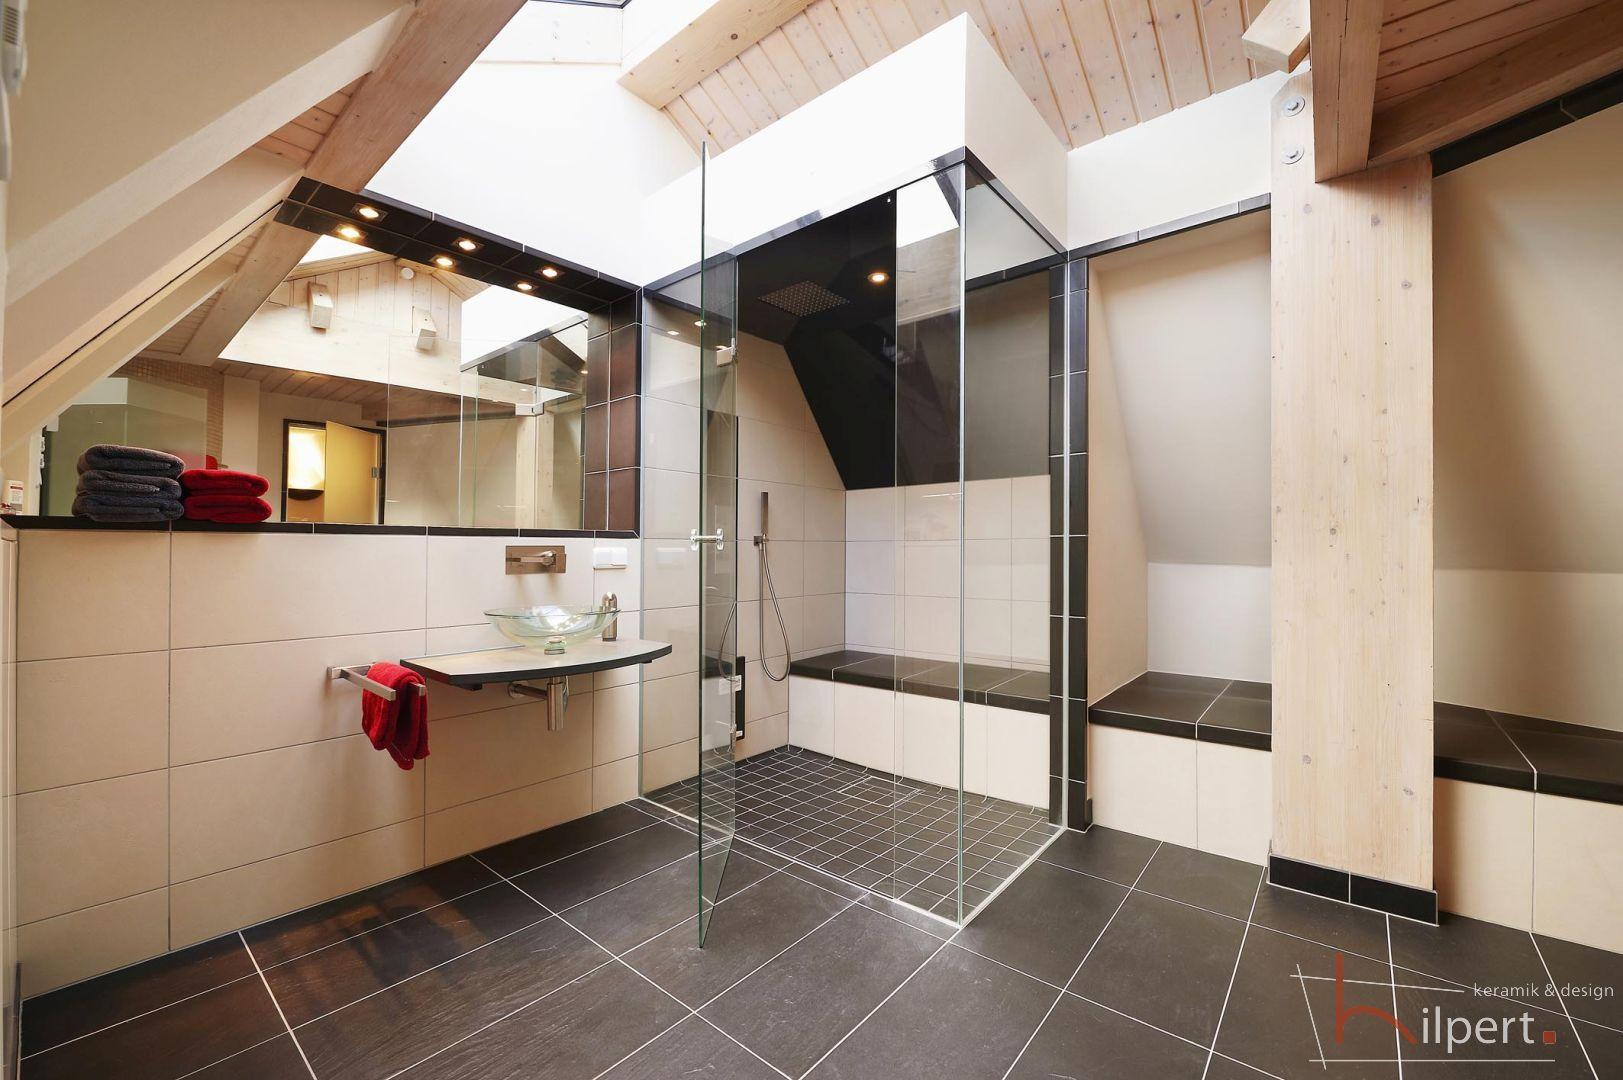 privater Wellnesstraum im ausgebauten Dachgeschoss, Dusche